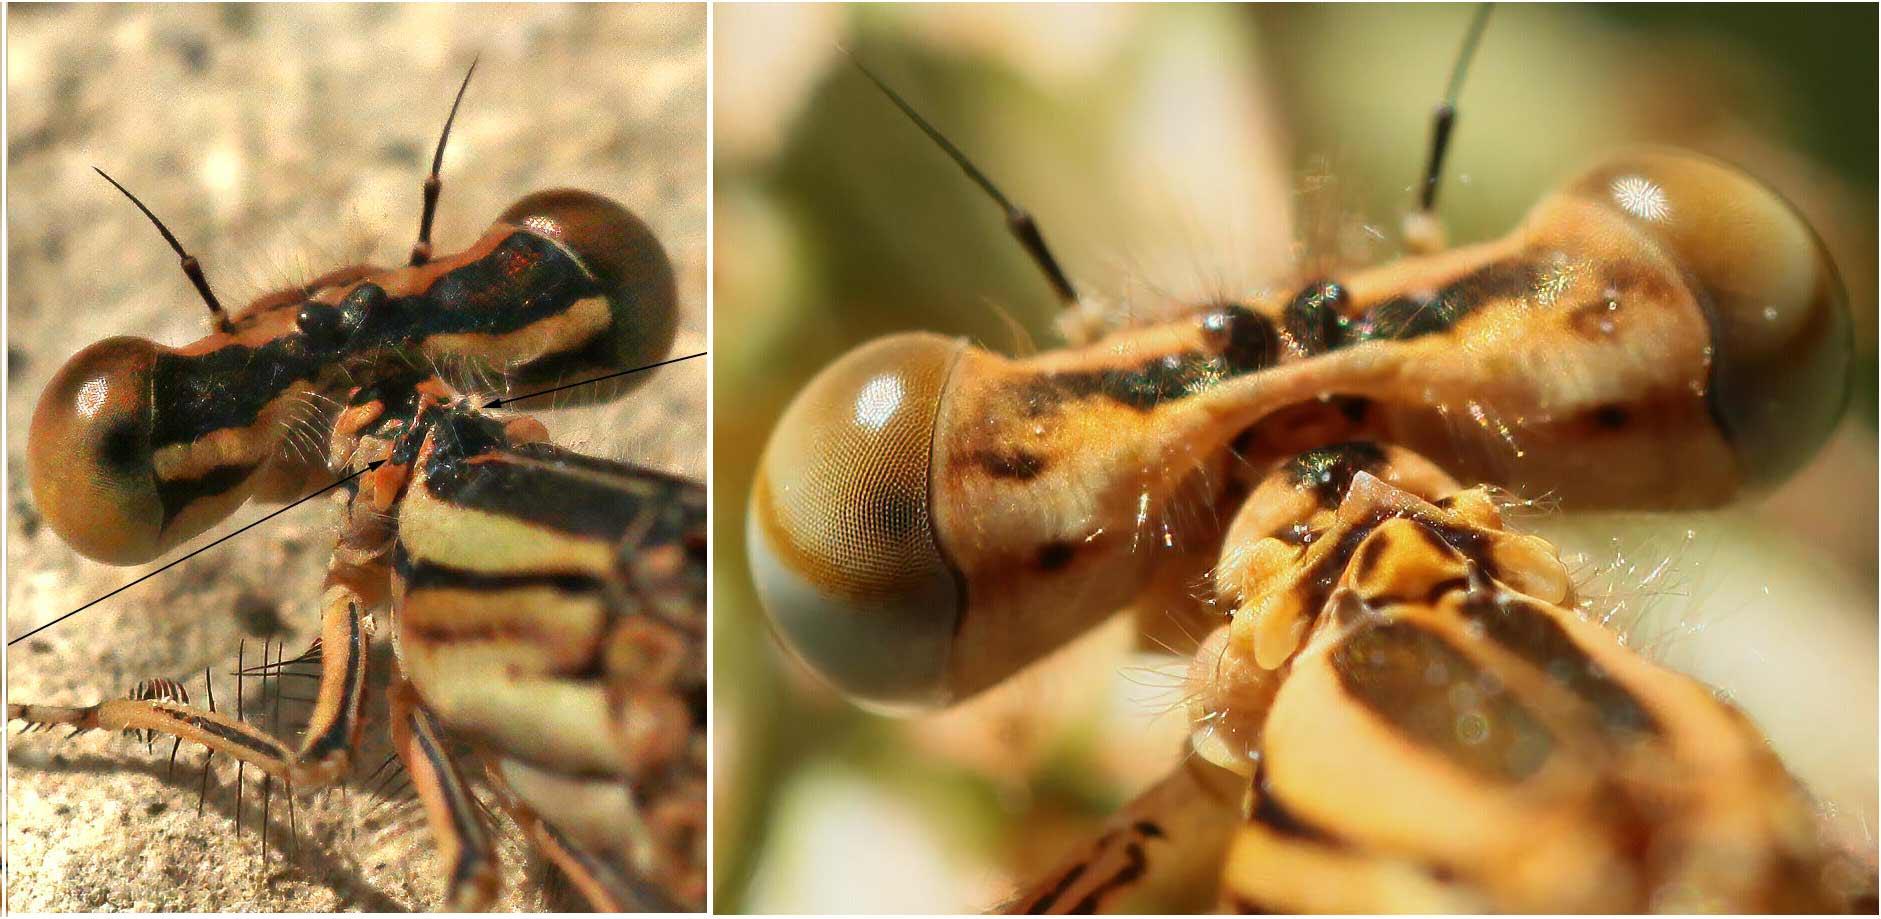 Pronotum des femelles Platycnemis latipes (G) et Platycnemis pennipes (D)